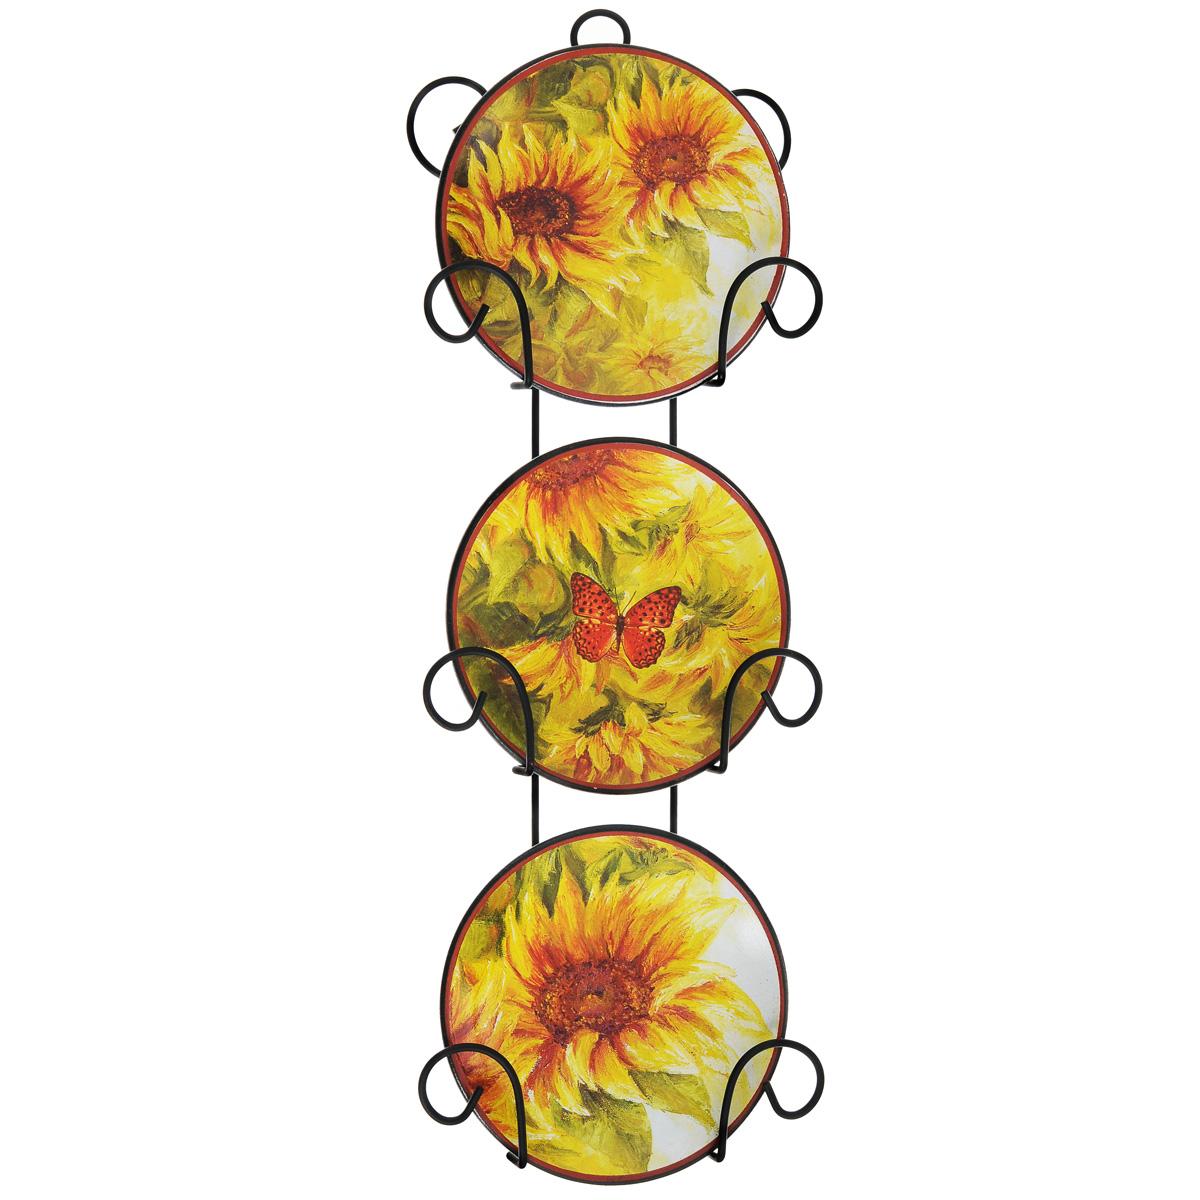 Набор декоративных тарелок Подсолнухи, диаметр 10 см, 3 шт36261Набор из трех декоративных тарелок с ярким рисунком украсят практически любое ваше помещение, будь то кухня, столовая, гостиная, холл и будут являться необычным дизайнерским решением. Тарелки выполнены из доломитовой керамики, подставка в виде вертикальной этажерки, благодаря которой сувенир удобно и быстро крепится к стене, - из черного металла. Каждая тарелочка, декорированная изображением подсолнухов, помещается в отдельную нишу. Очаровательный набор декоративных тарелок - замечательный подарок друзьям и близким людям.